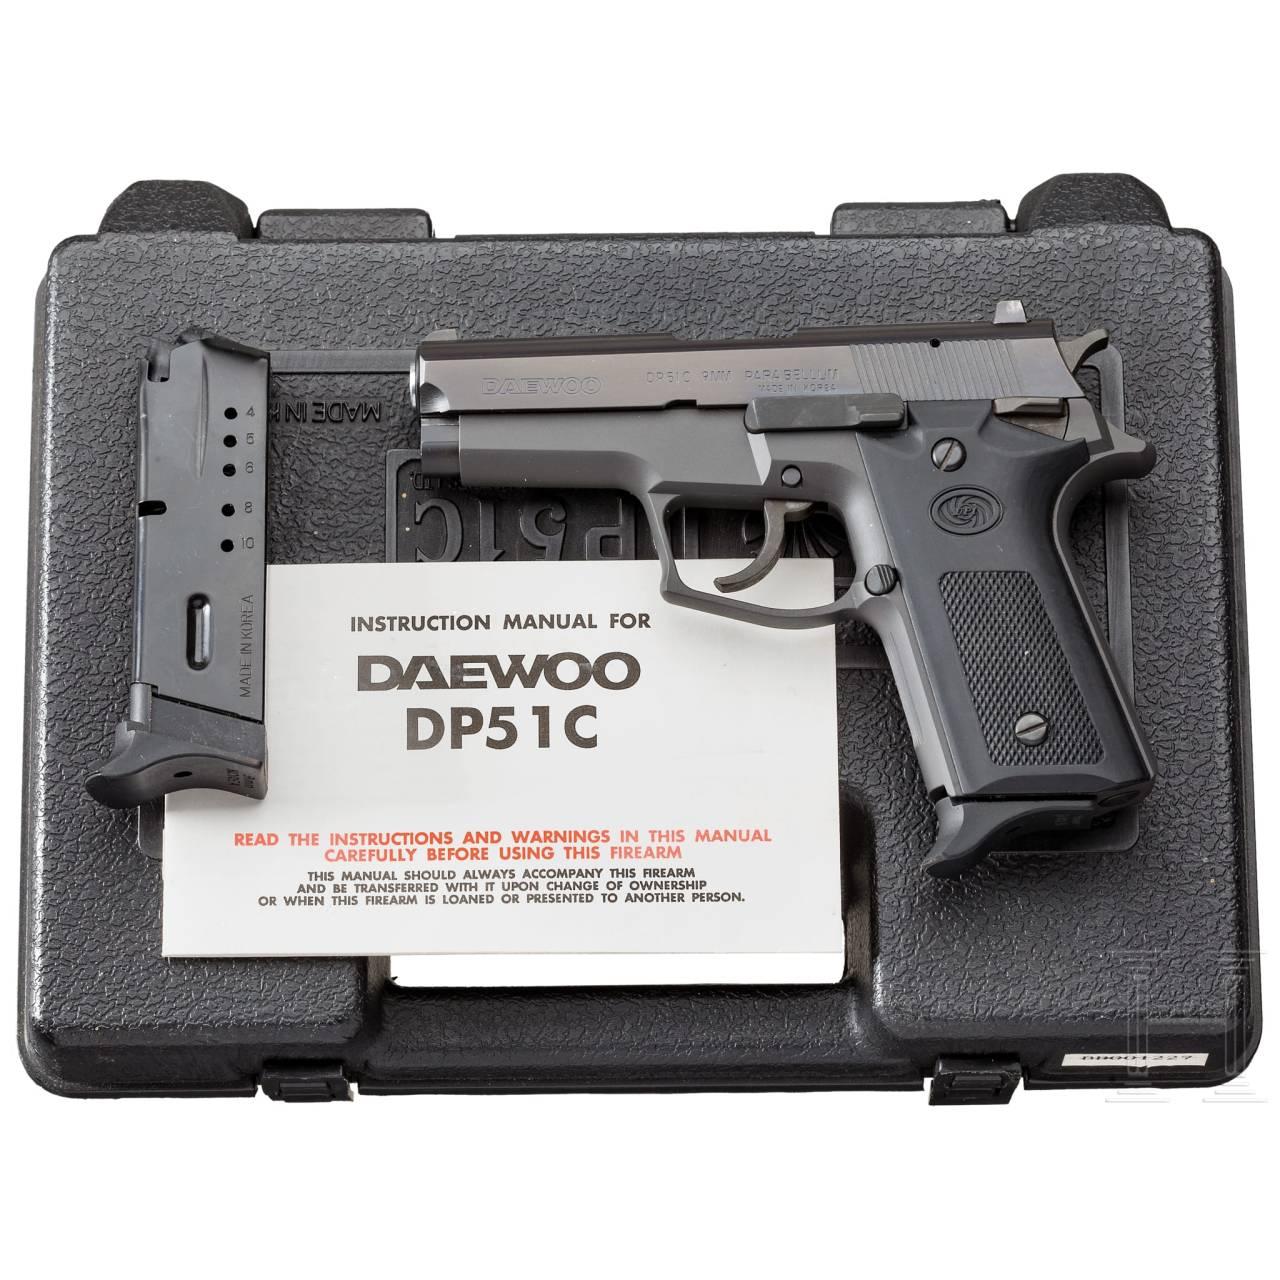 Südkorea - Daewoo Mod. DP 51C, im Koffer